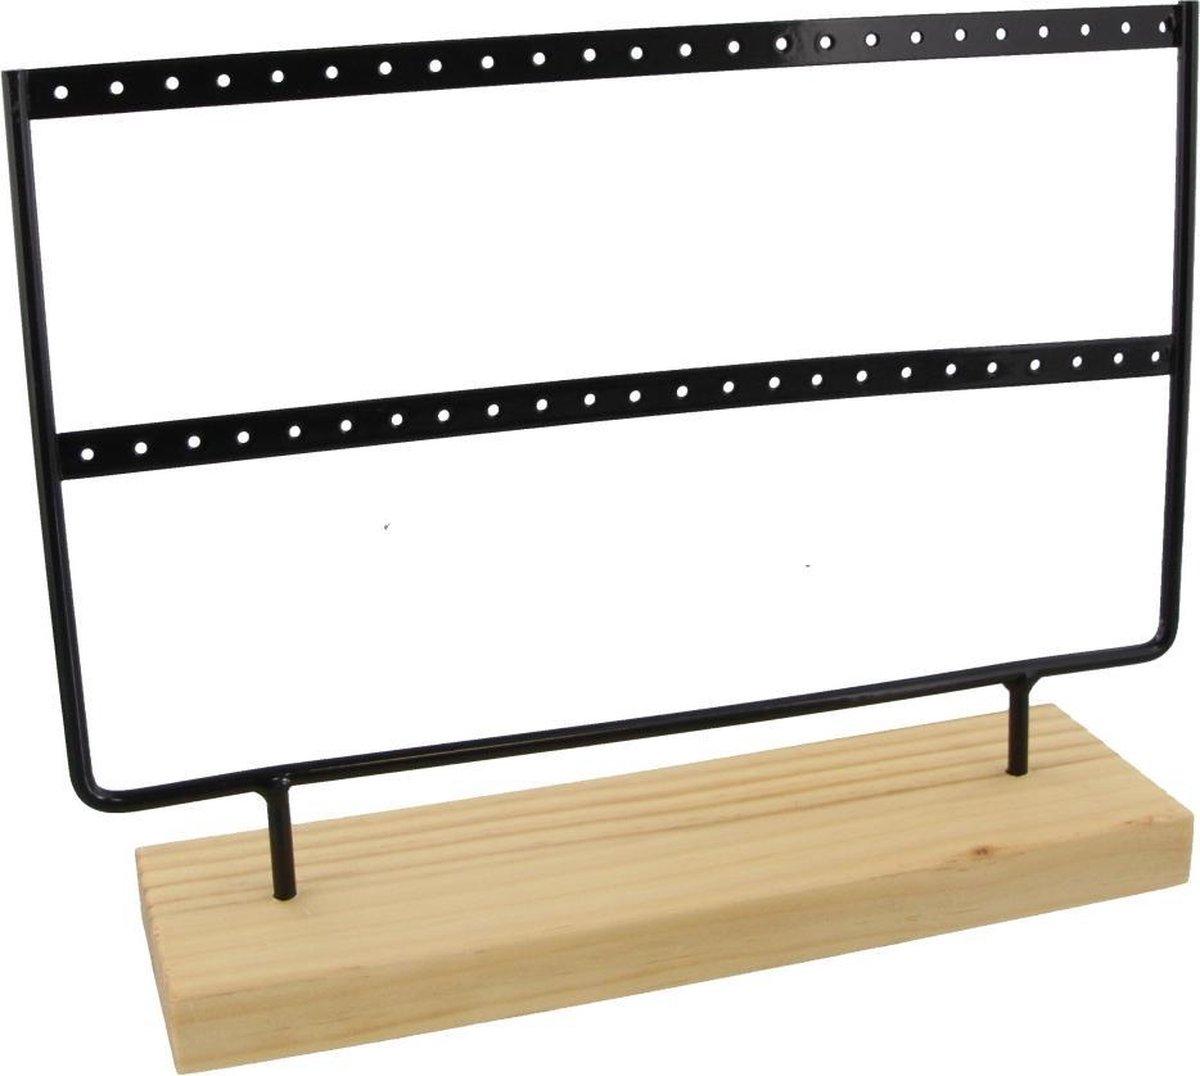 Dielay - Sieradenhouder - Display voor Sieraden - Oorbellenrek - Hout en Metaal - 27x22x7 cm - Zwart